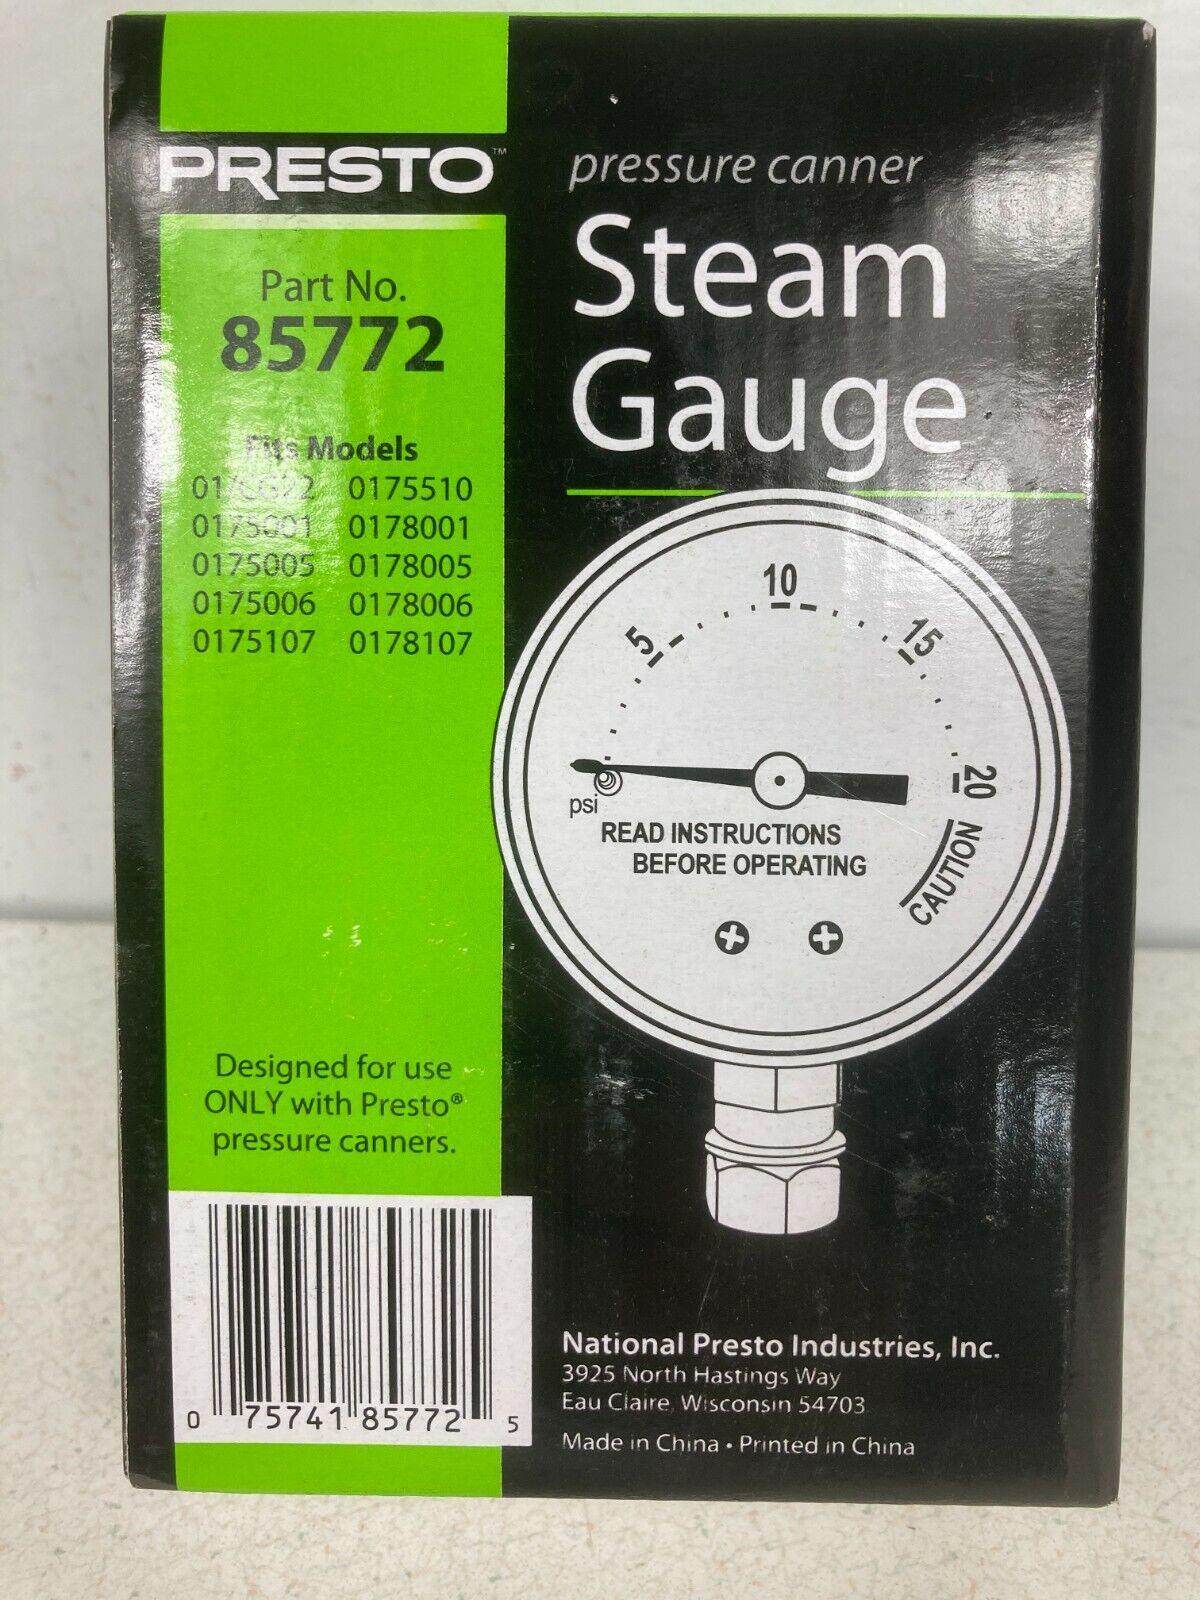 Presto 85772 Pressure Cooker Canner Steam Gauge For Sale Online Ebay